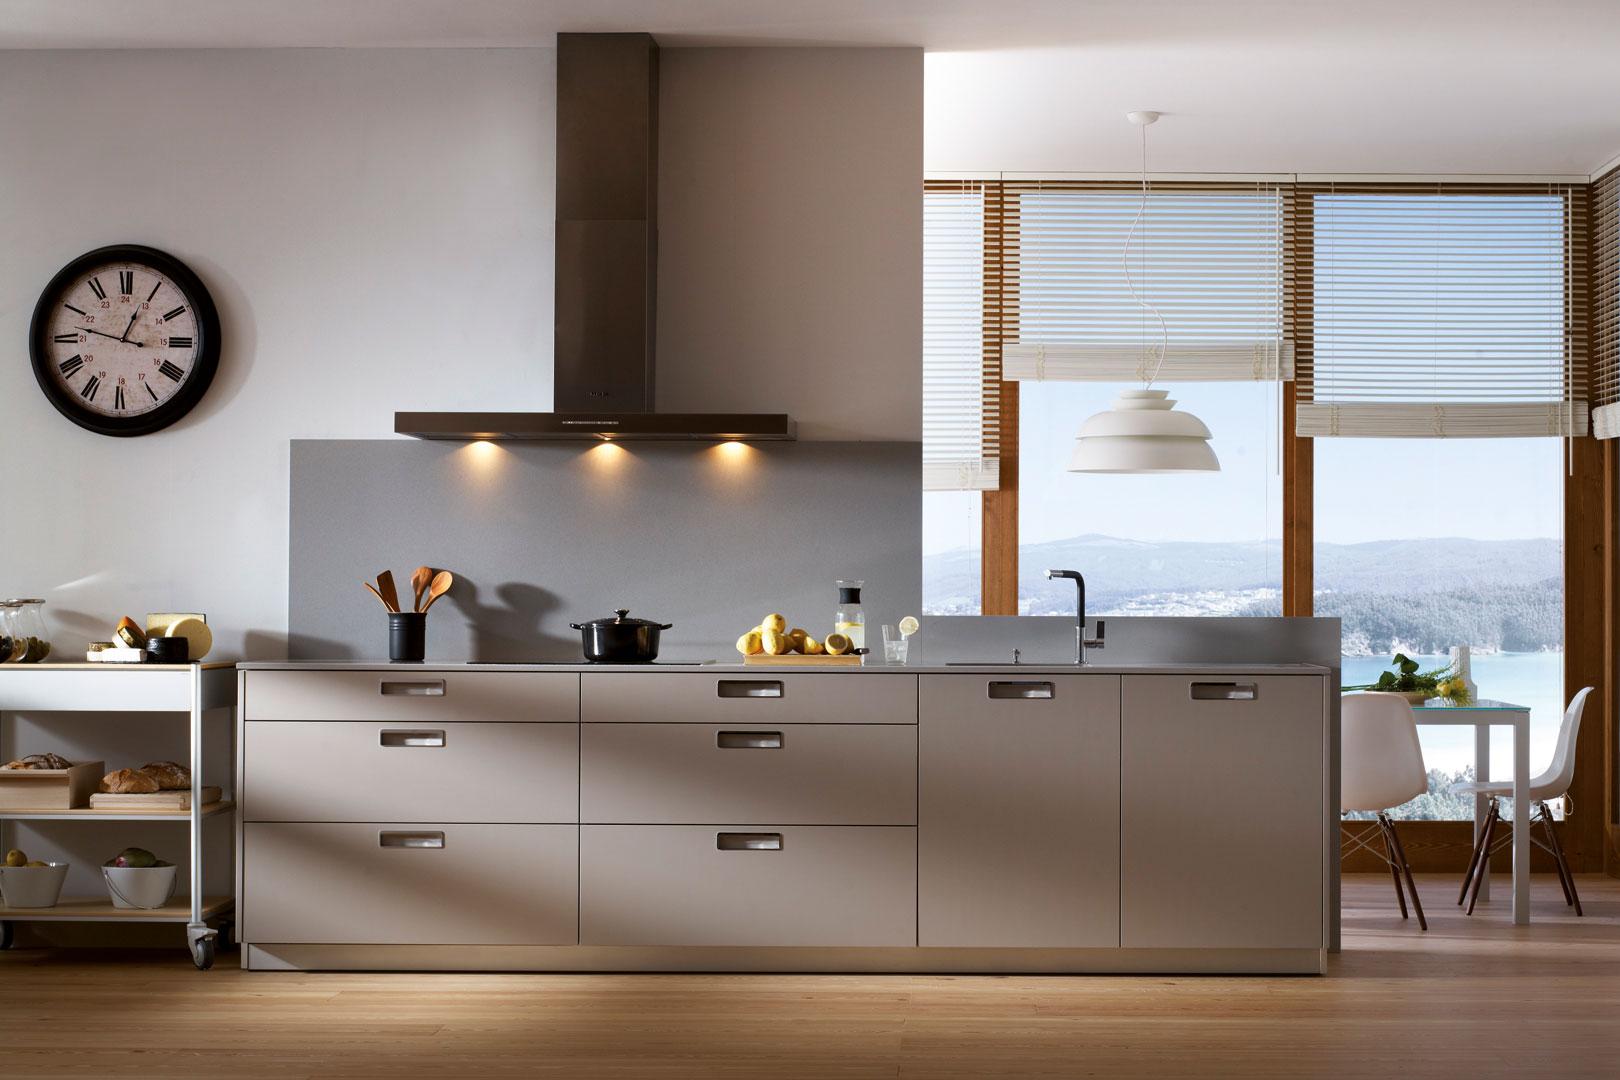 Fotos de campanas de cocina stunning lo que debes saber campanas de cocina with fotos de - Como limpiar la campana de la cocina ...